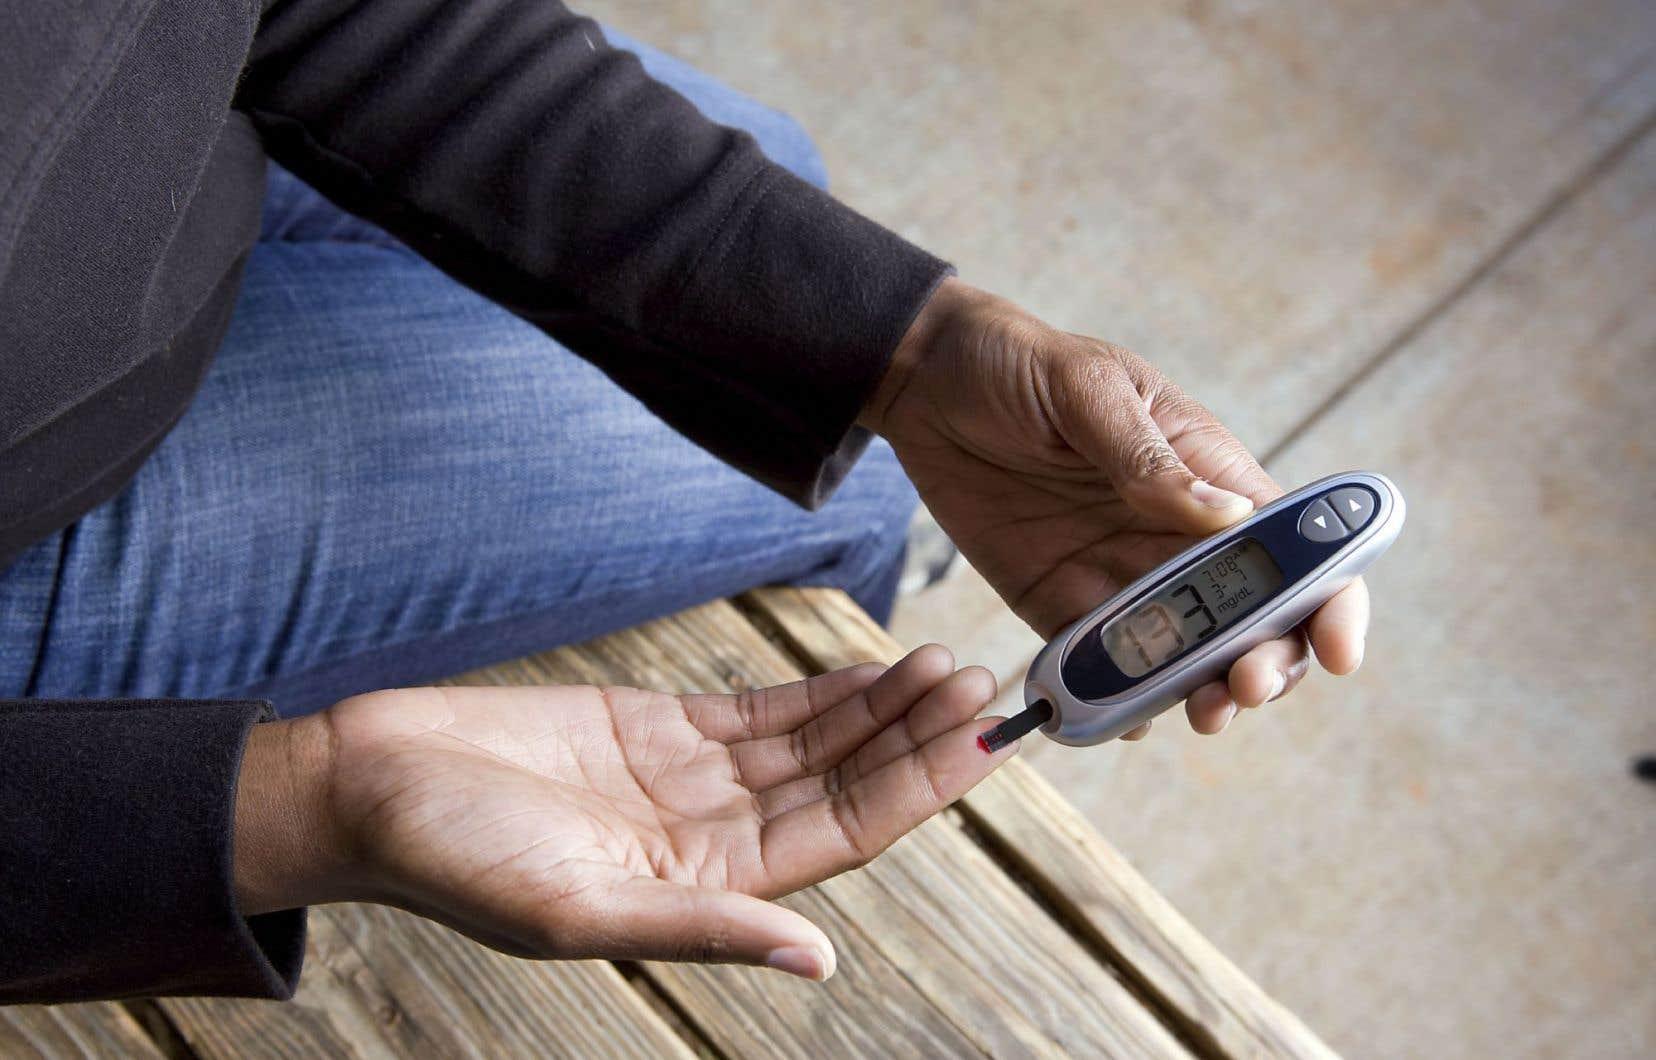 L'Espace santé personnel permet aux patients d'ajouter des informations pour mettre à jour leur dossier. Par exemple, une personne diabétique peut y noter de manière régulière les résultats de ses tests de glycémie.